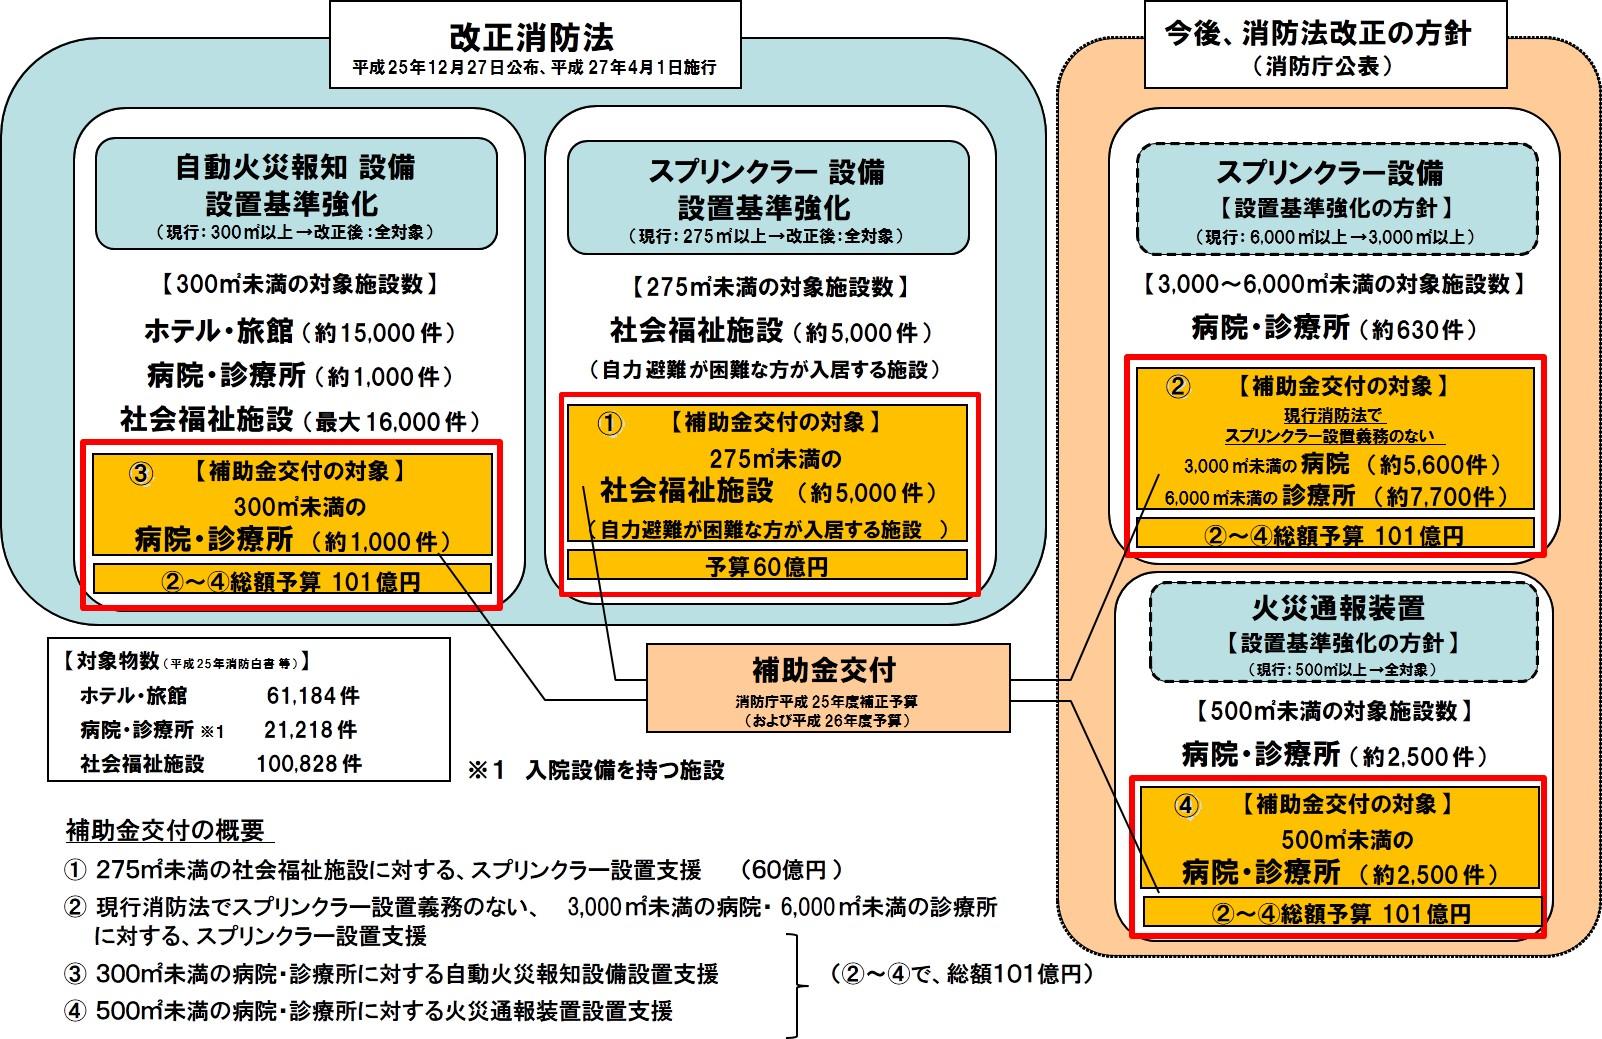 改正消防法の概要と消防用設備等設置補助金の範囲